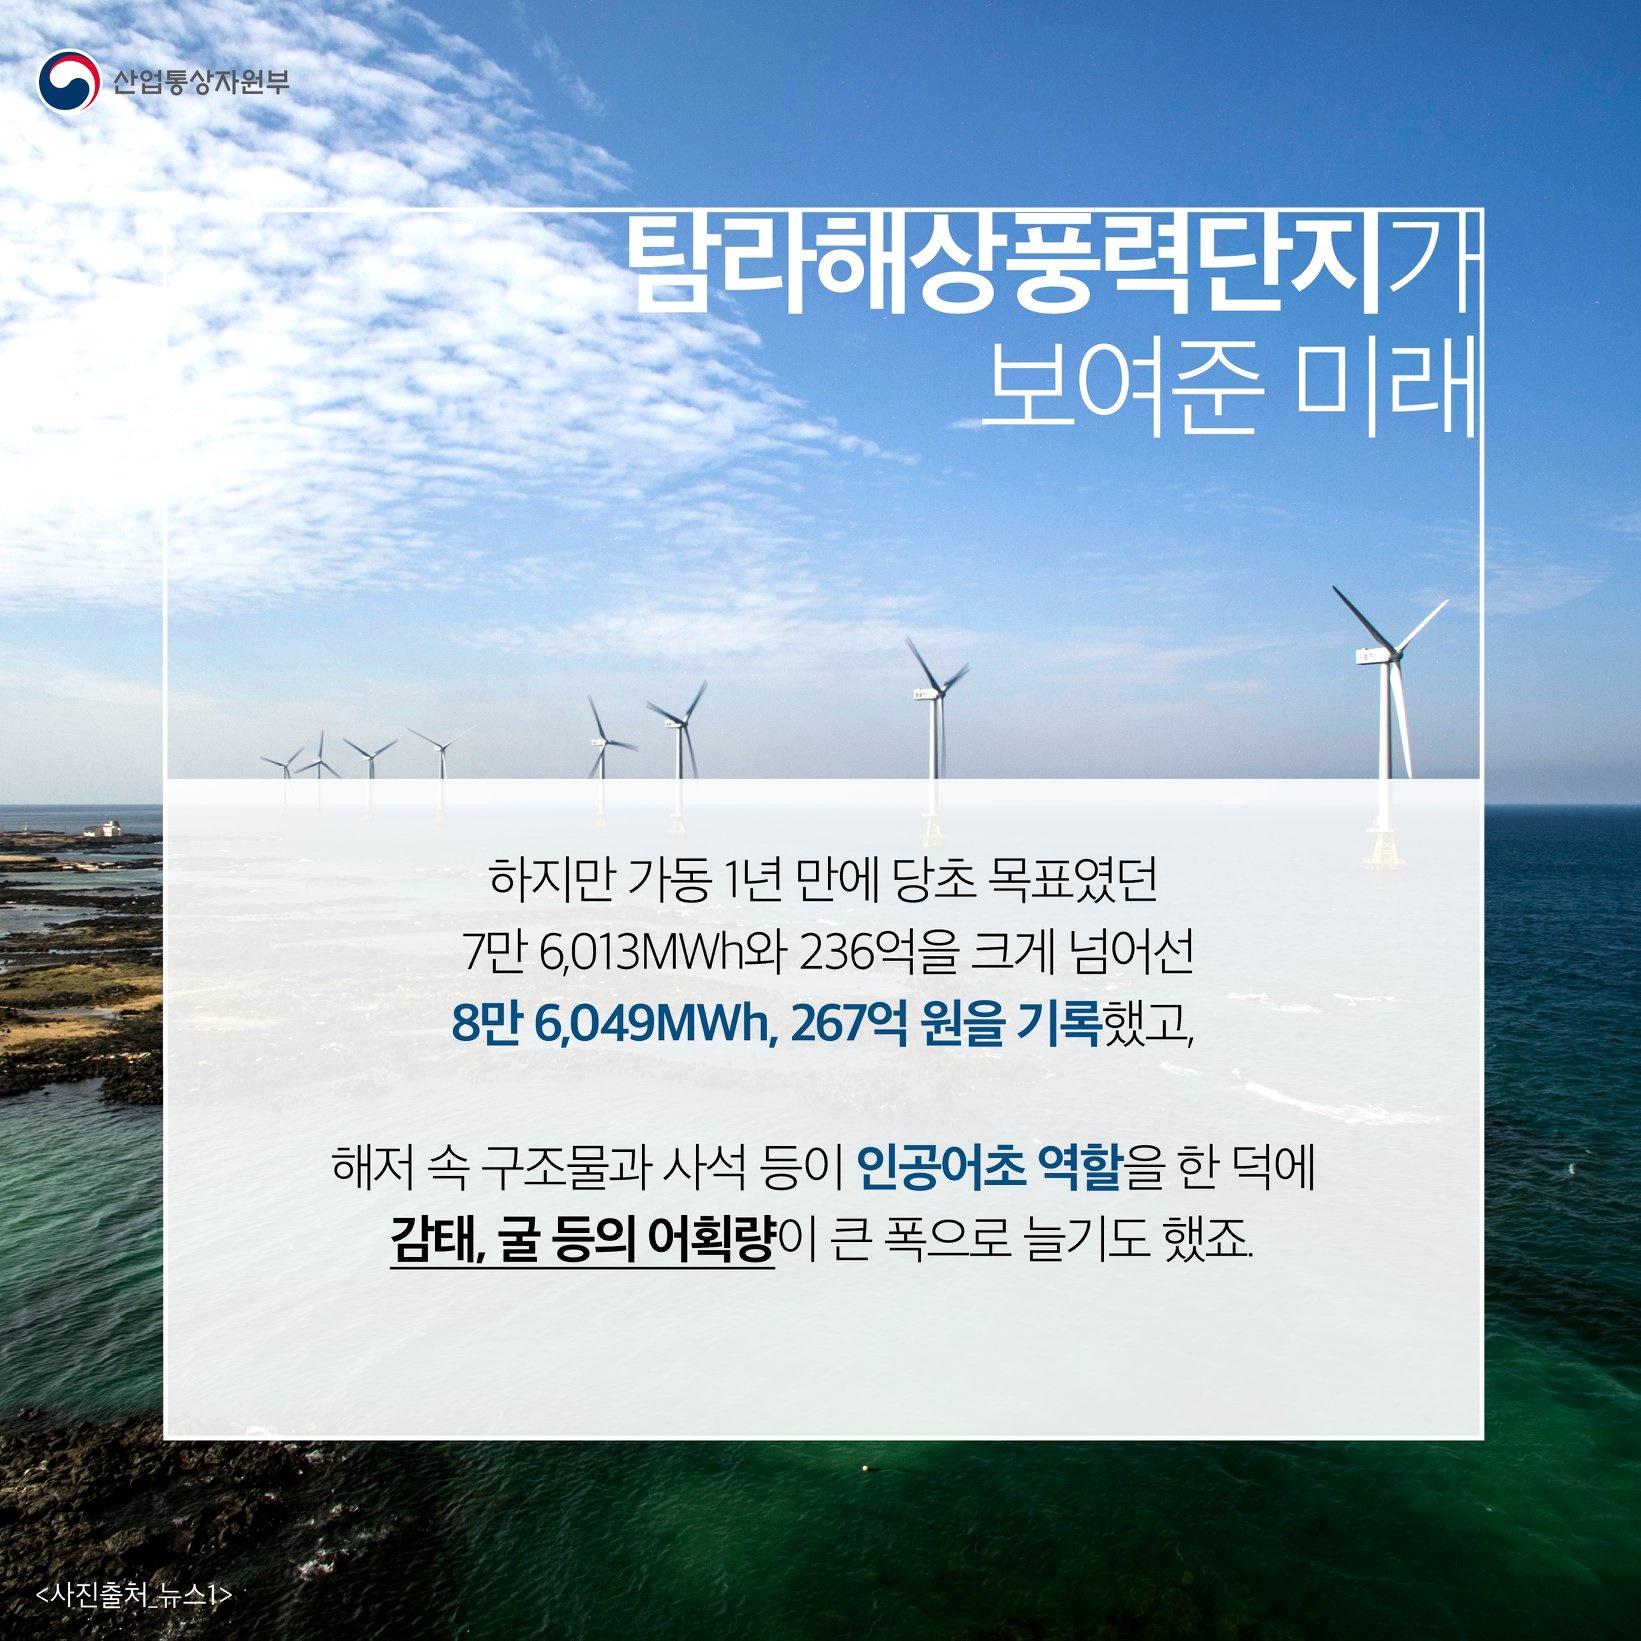 해상풍력, 거부할 수 없는 변화의 바람